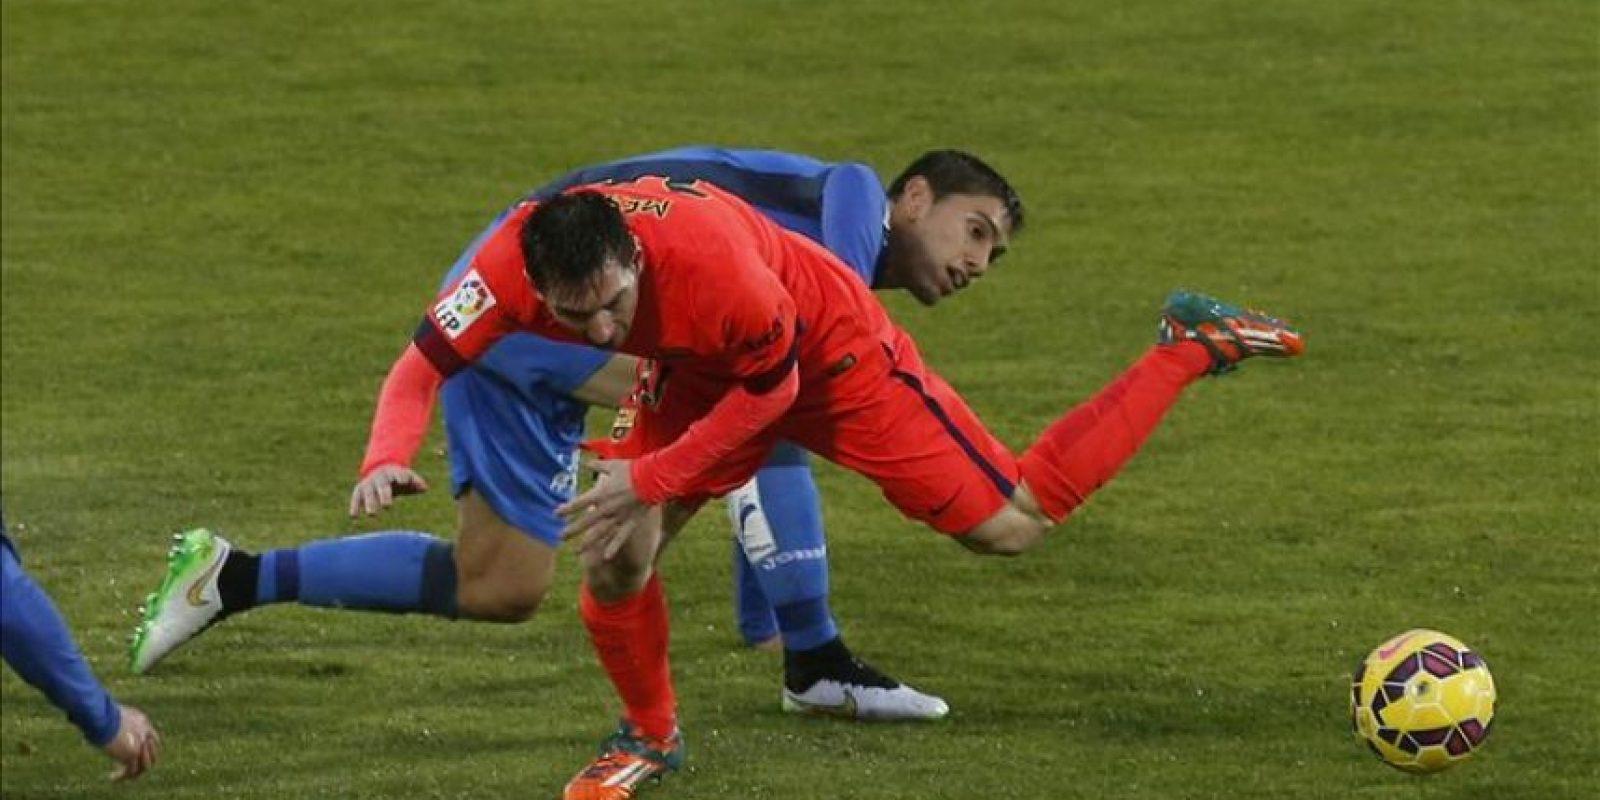 El delantero argentino del Barcelona Lionel Messi cae ante el defensa uruguayo del Getafe Emiliano Velázquez (detrás) en el partido de liga en Primera. EFE